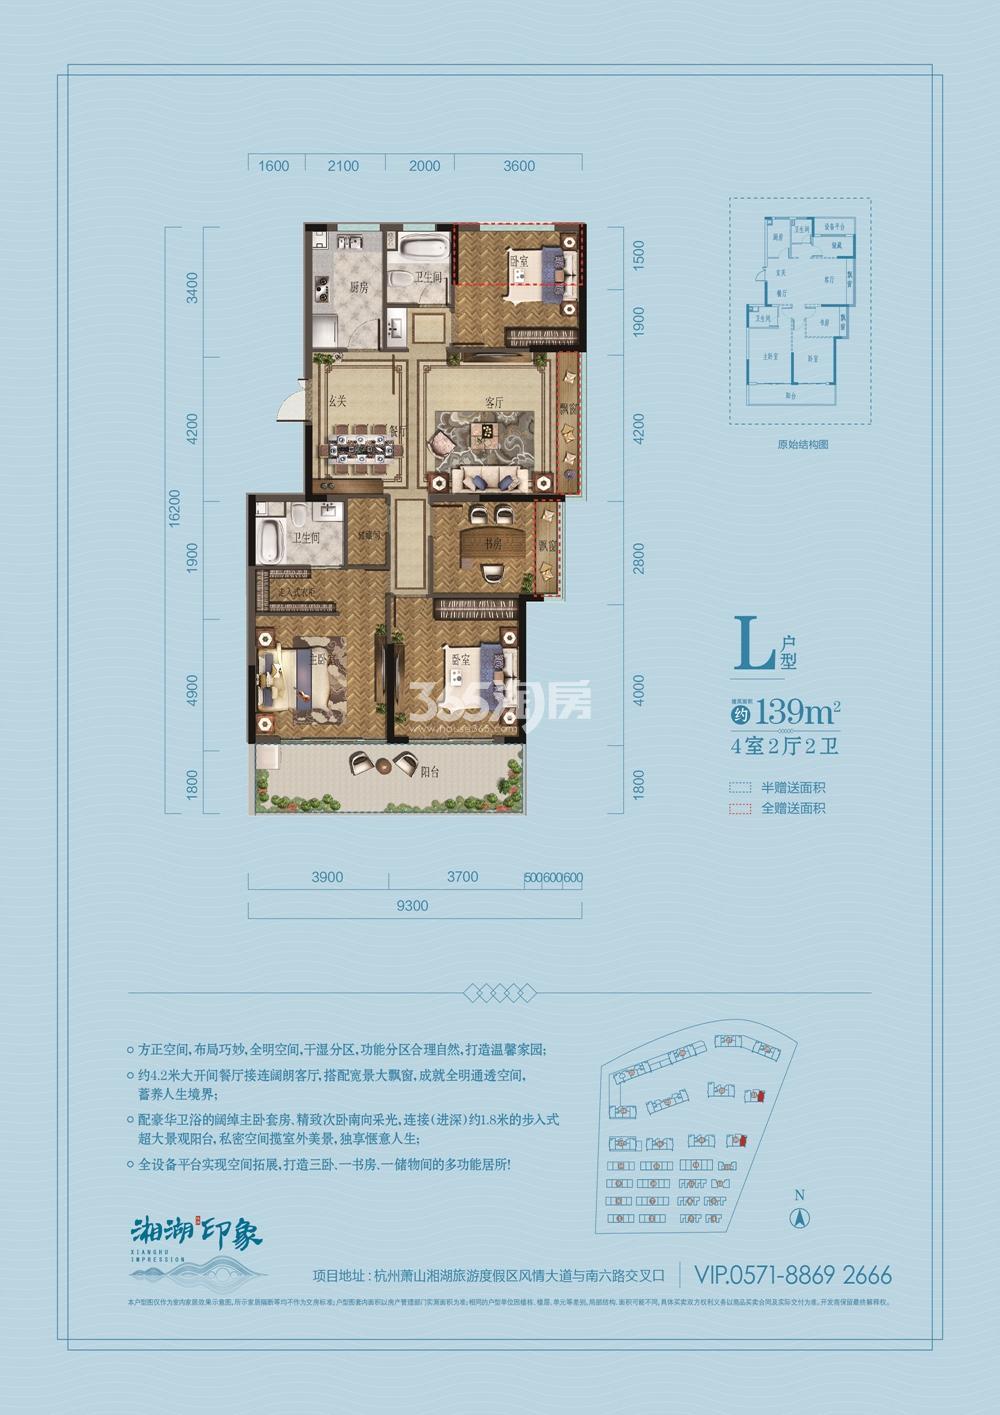 佳源湘湖印象高层L户型139方(20、21#)